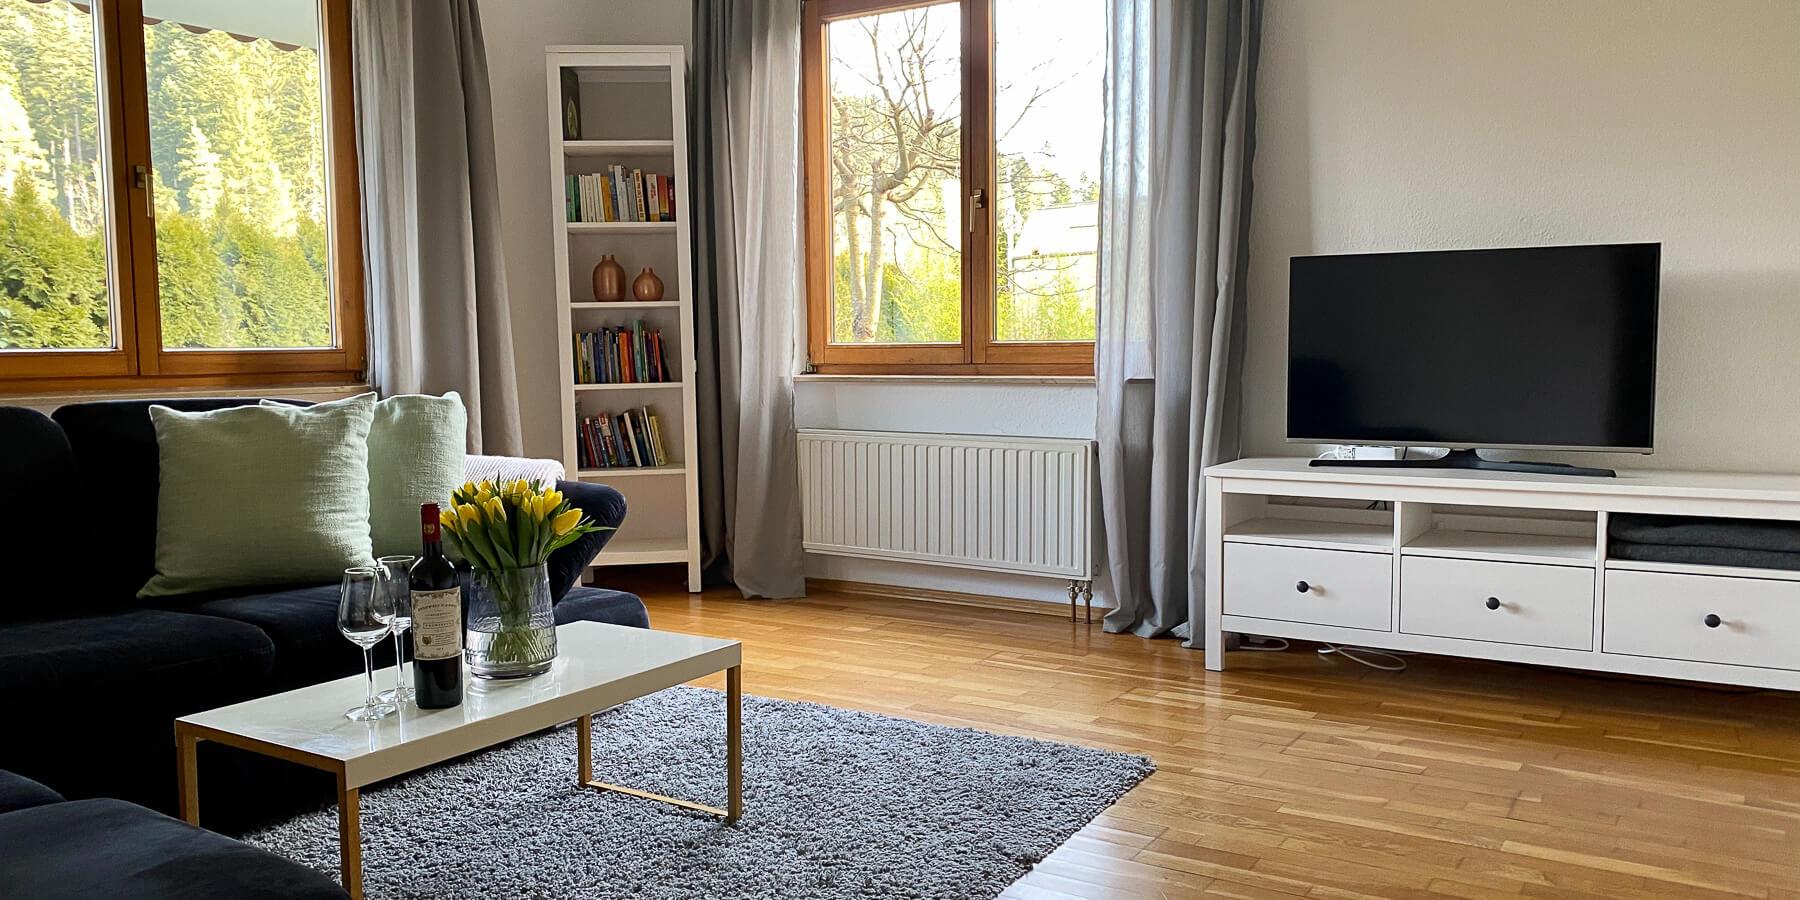 Ferienwohnung Kinzigtal im Schwarzwald: Wohnzimmer mit Blick auf Wald und Umgebung